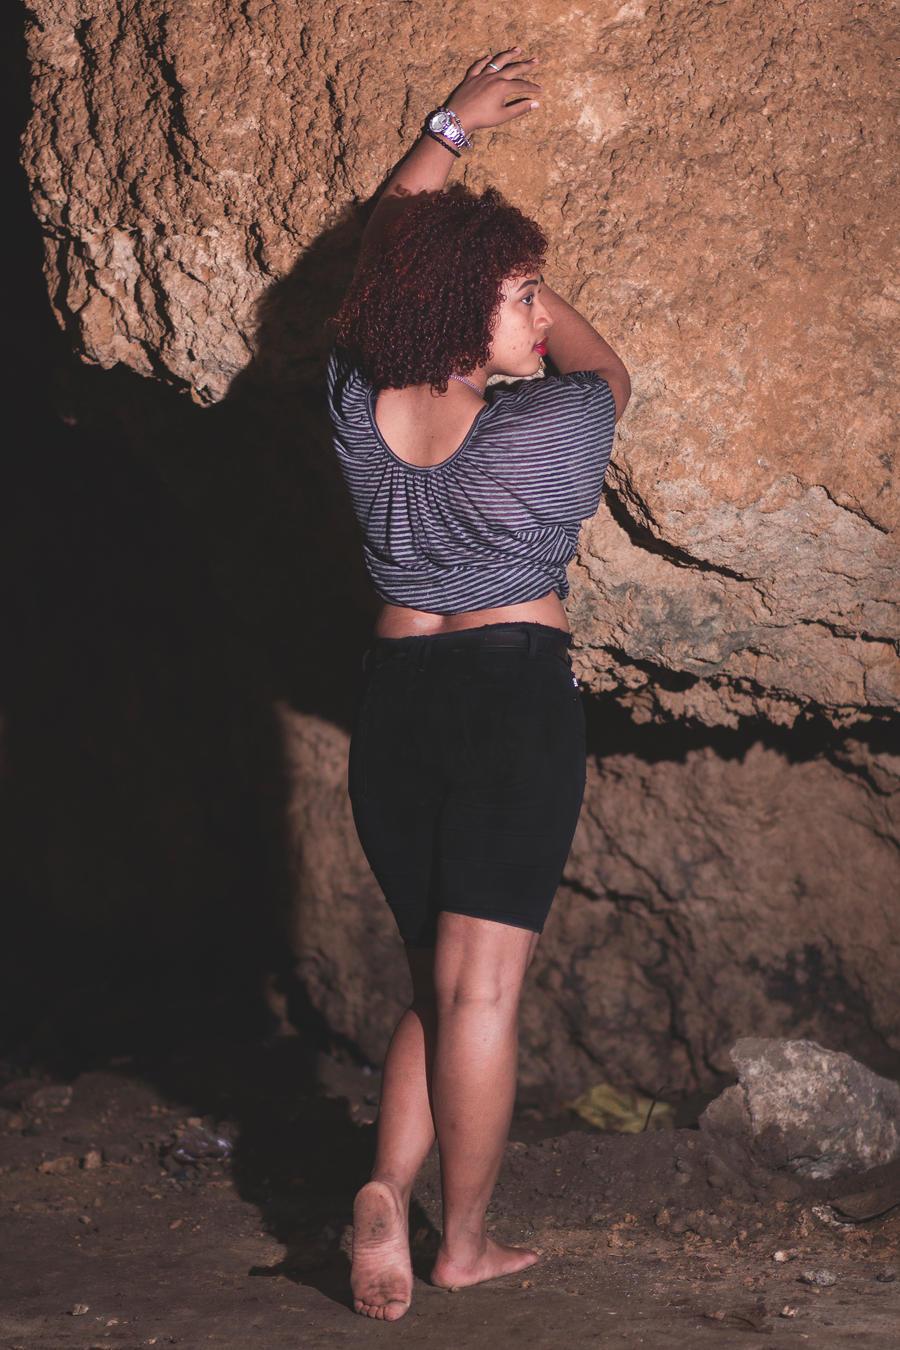 https://img00.deviantart.net/cdb2/i/2018/203/d/d/the_cavegirl_iv_by_lazarelobo-dchzq5k.jpg